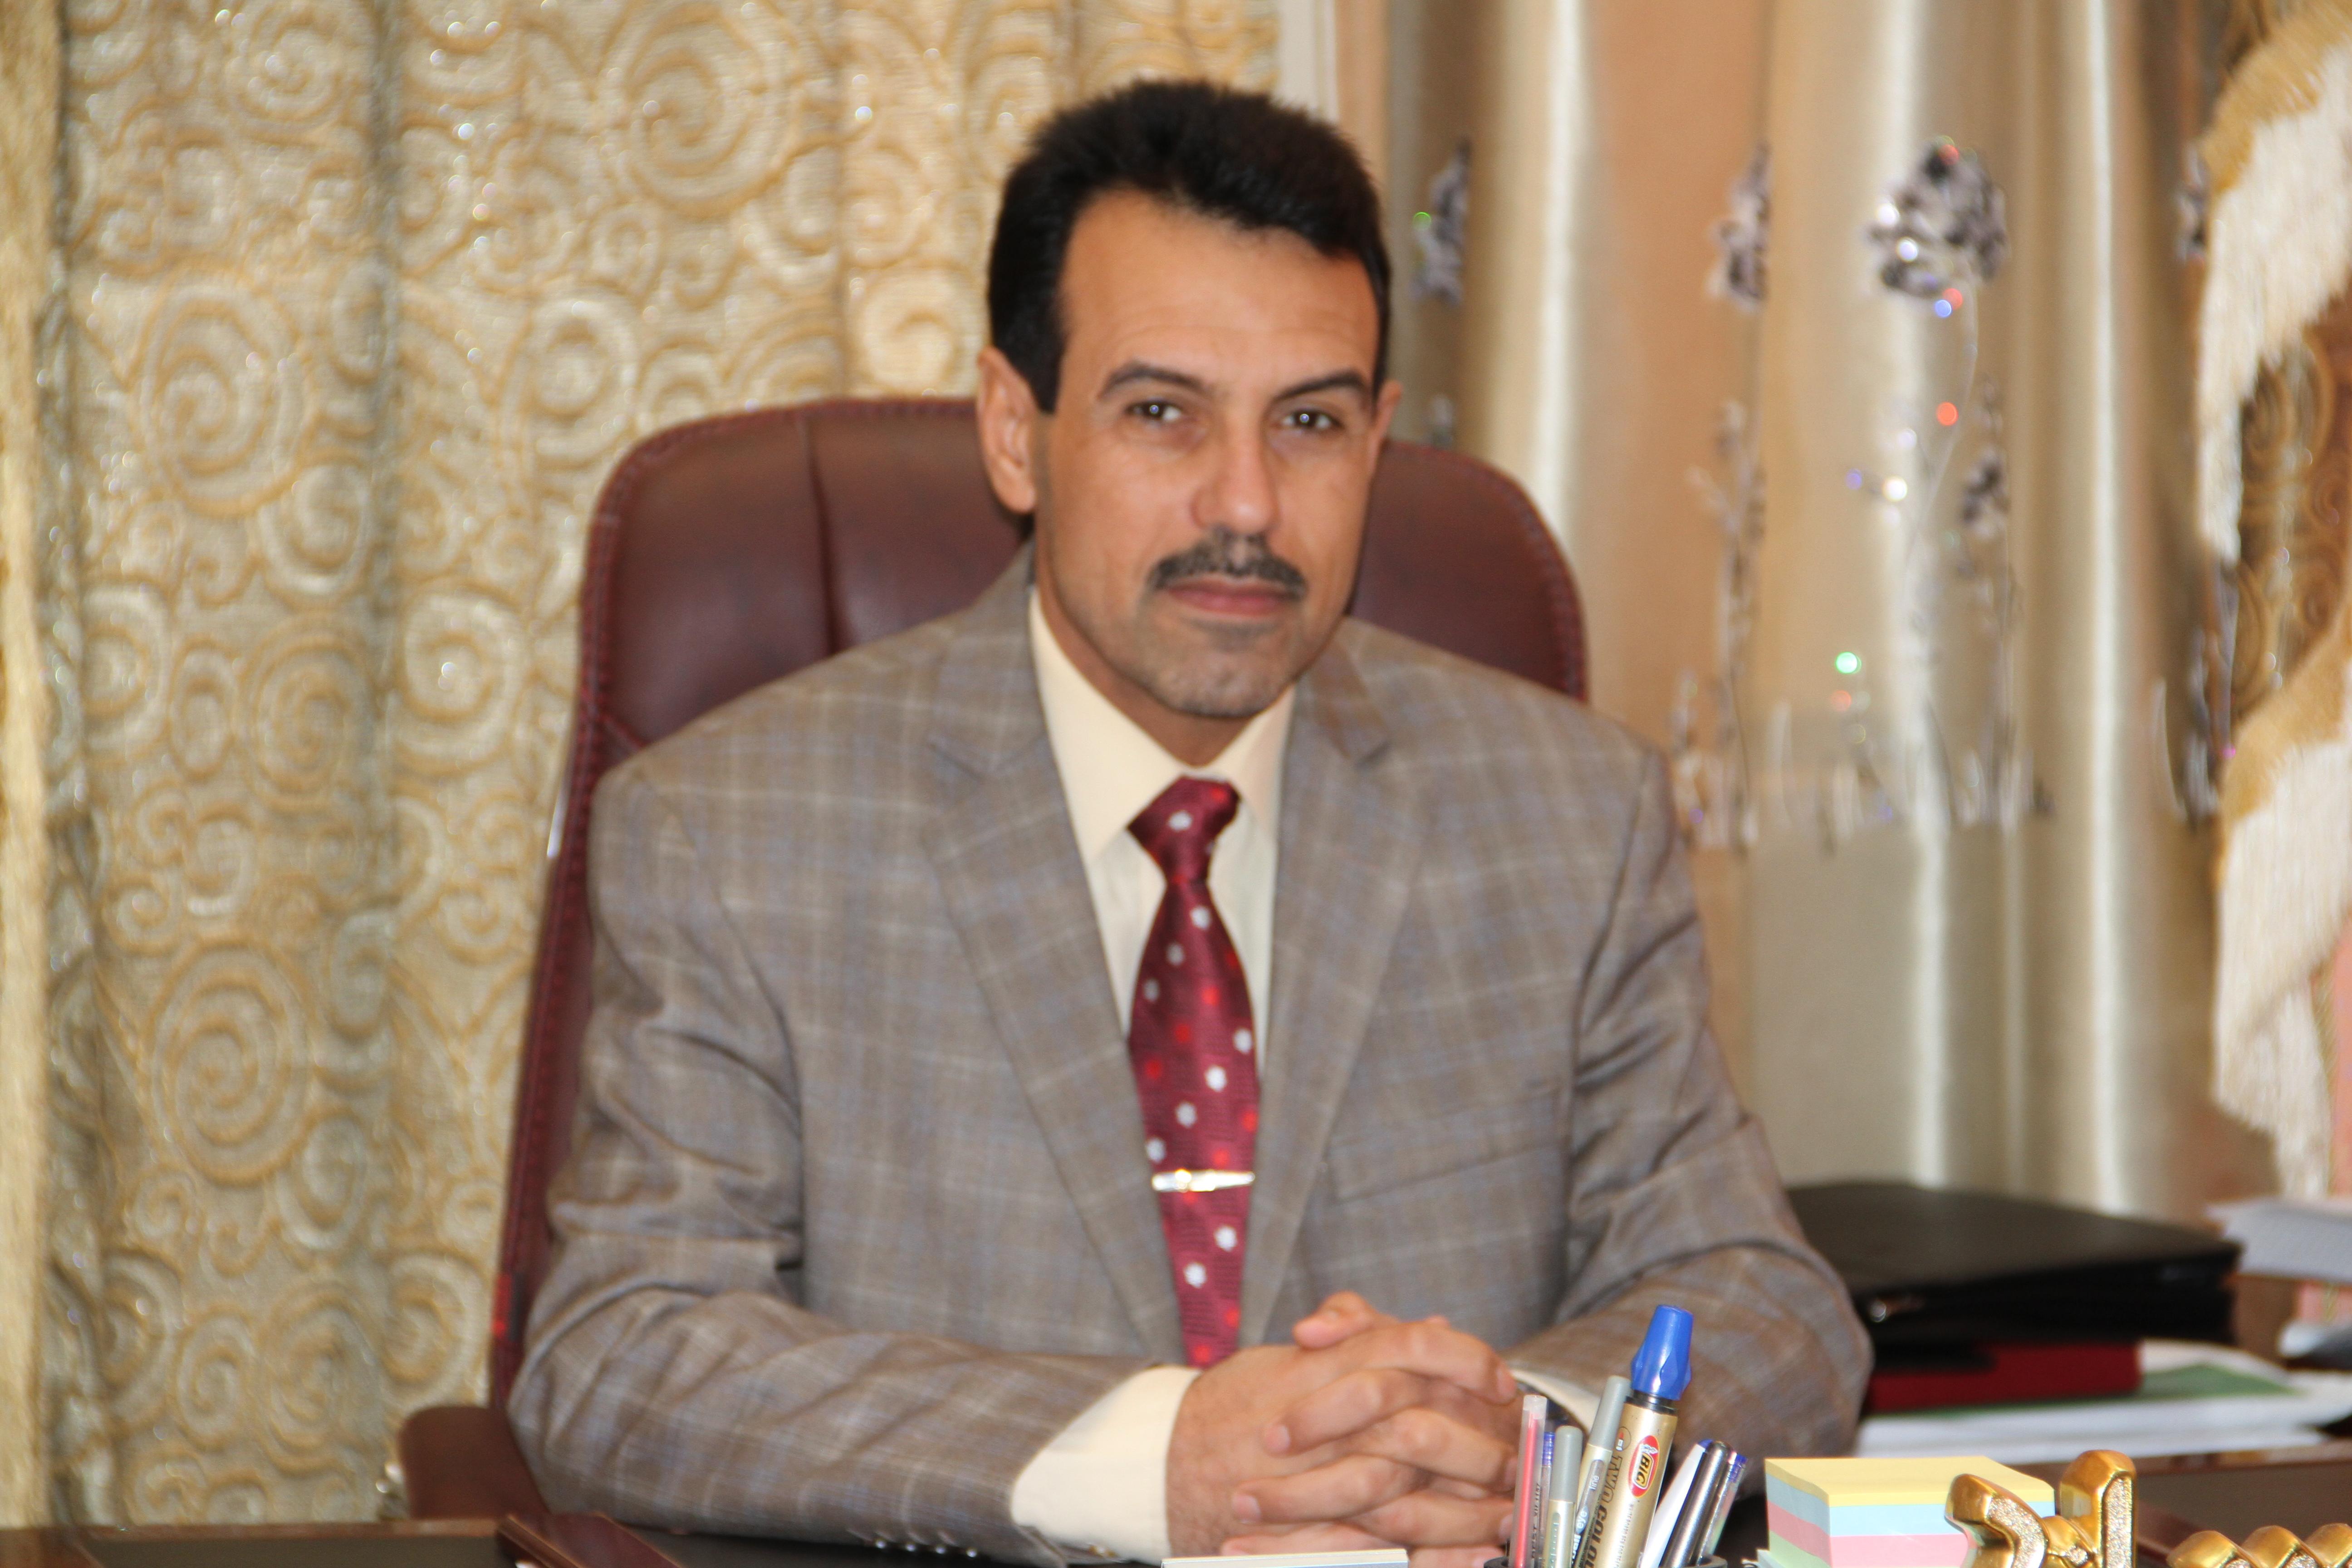 مجلس جامعة المثنى يكرم الدكتور زين العابدين عواد كاظم عميد كلية القانون